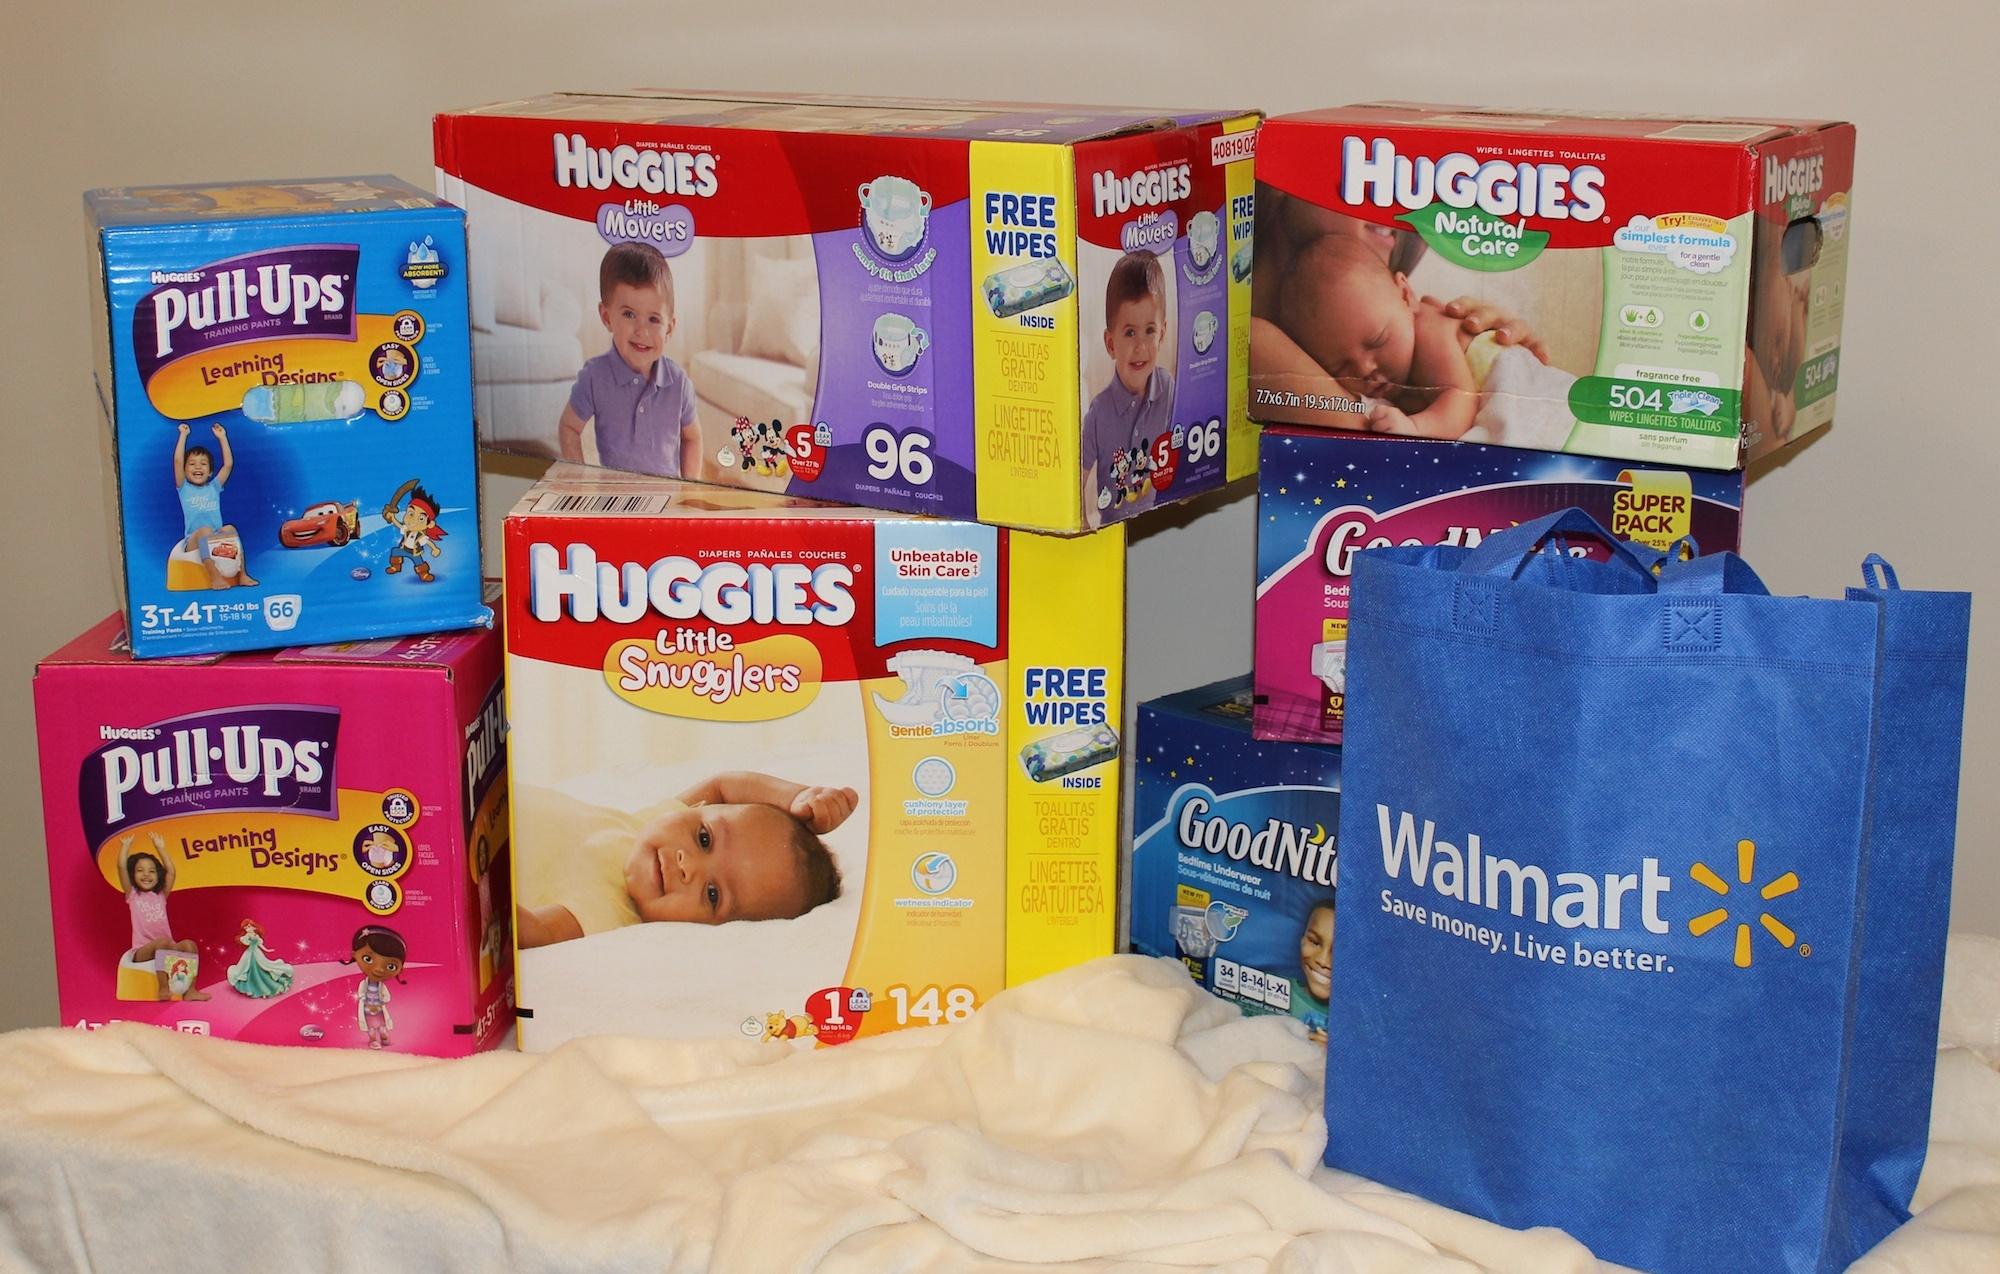 Free Digital Printable Diaper Coupons At Walmart - Free Printable Coupons For Baby Diapers